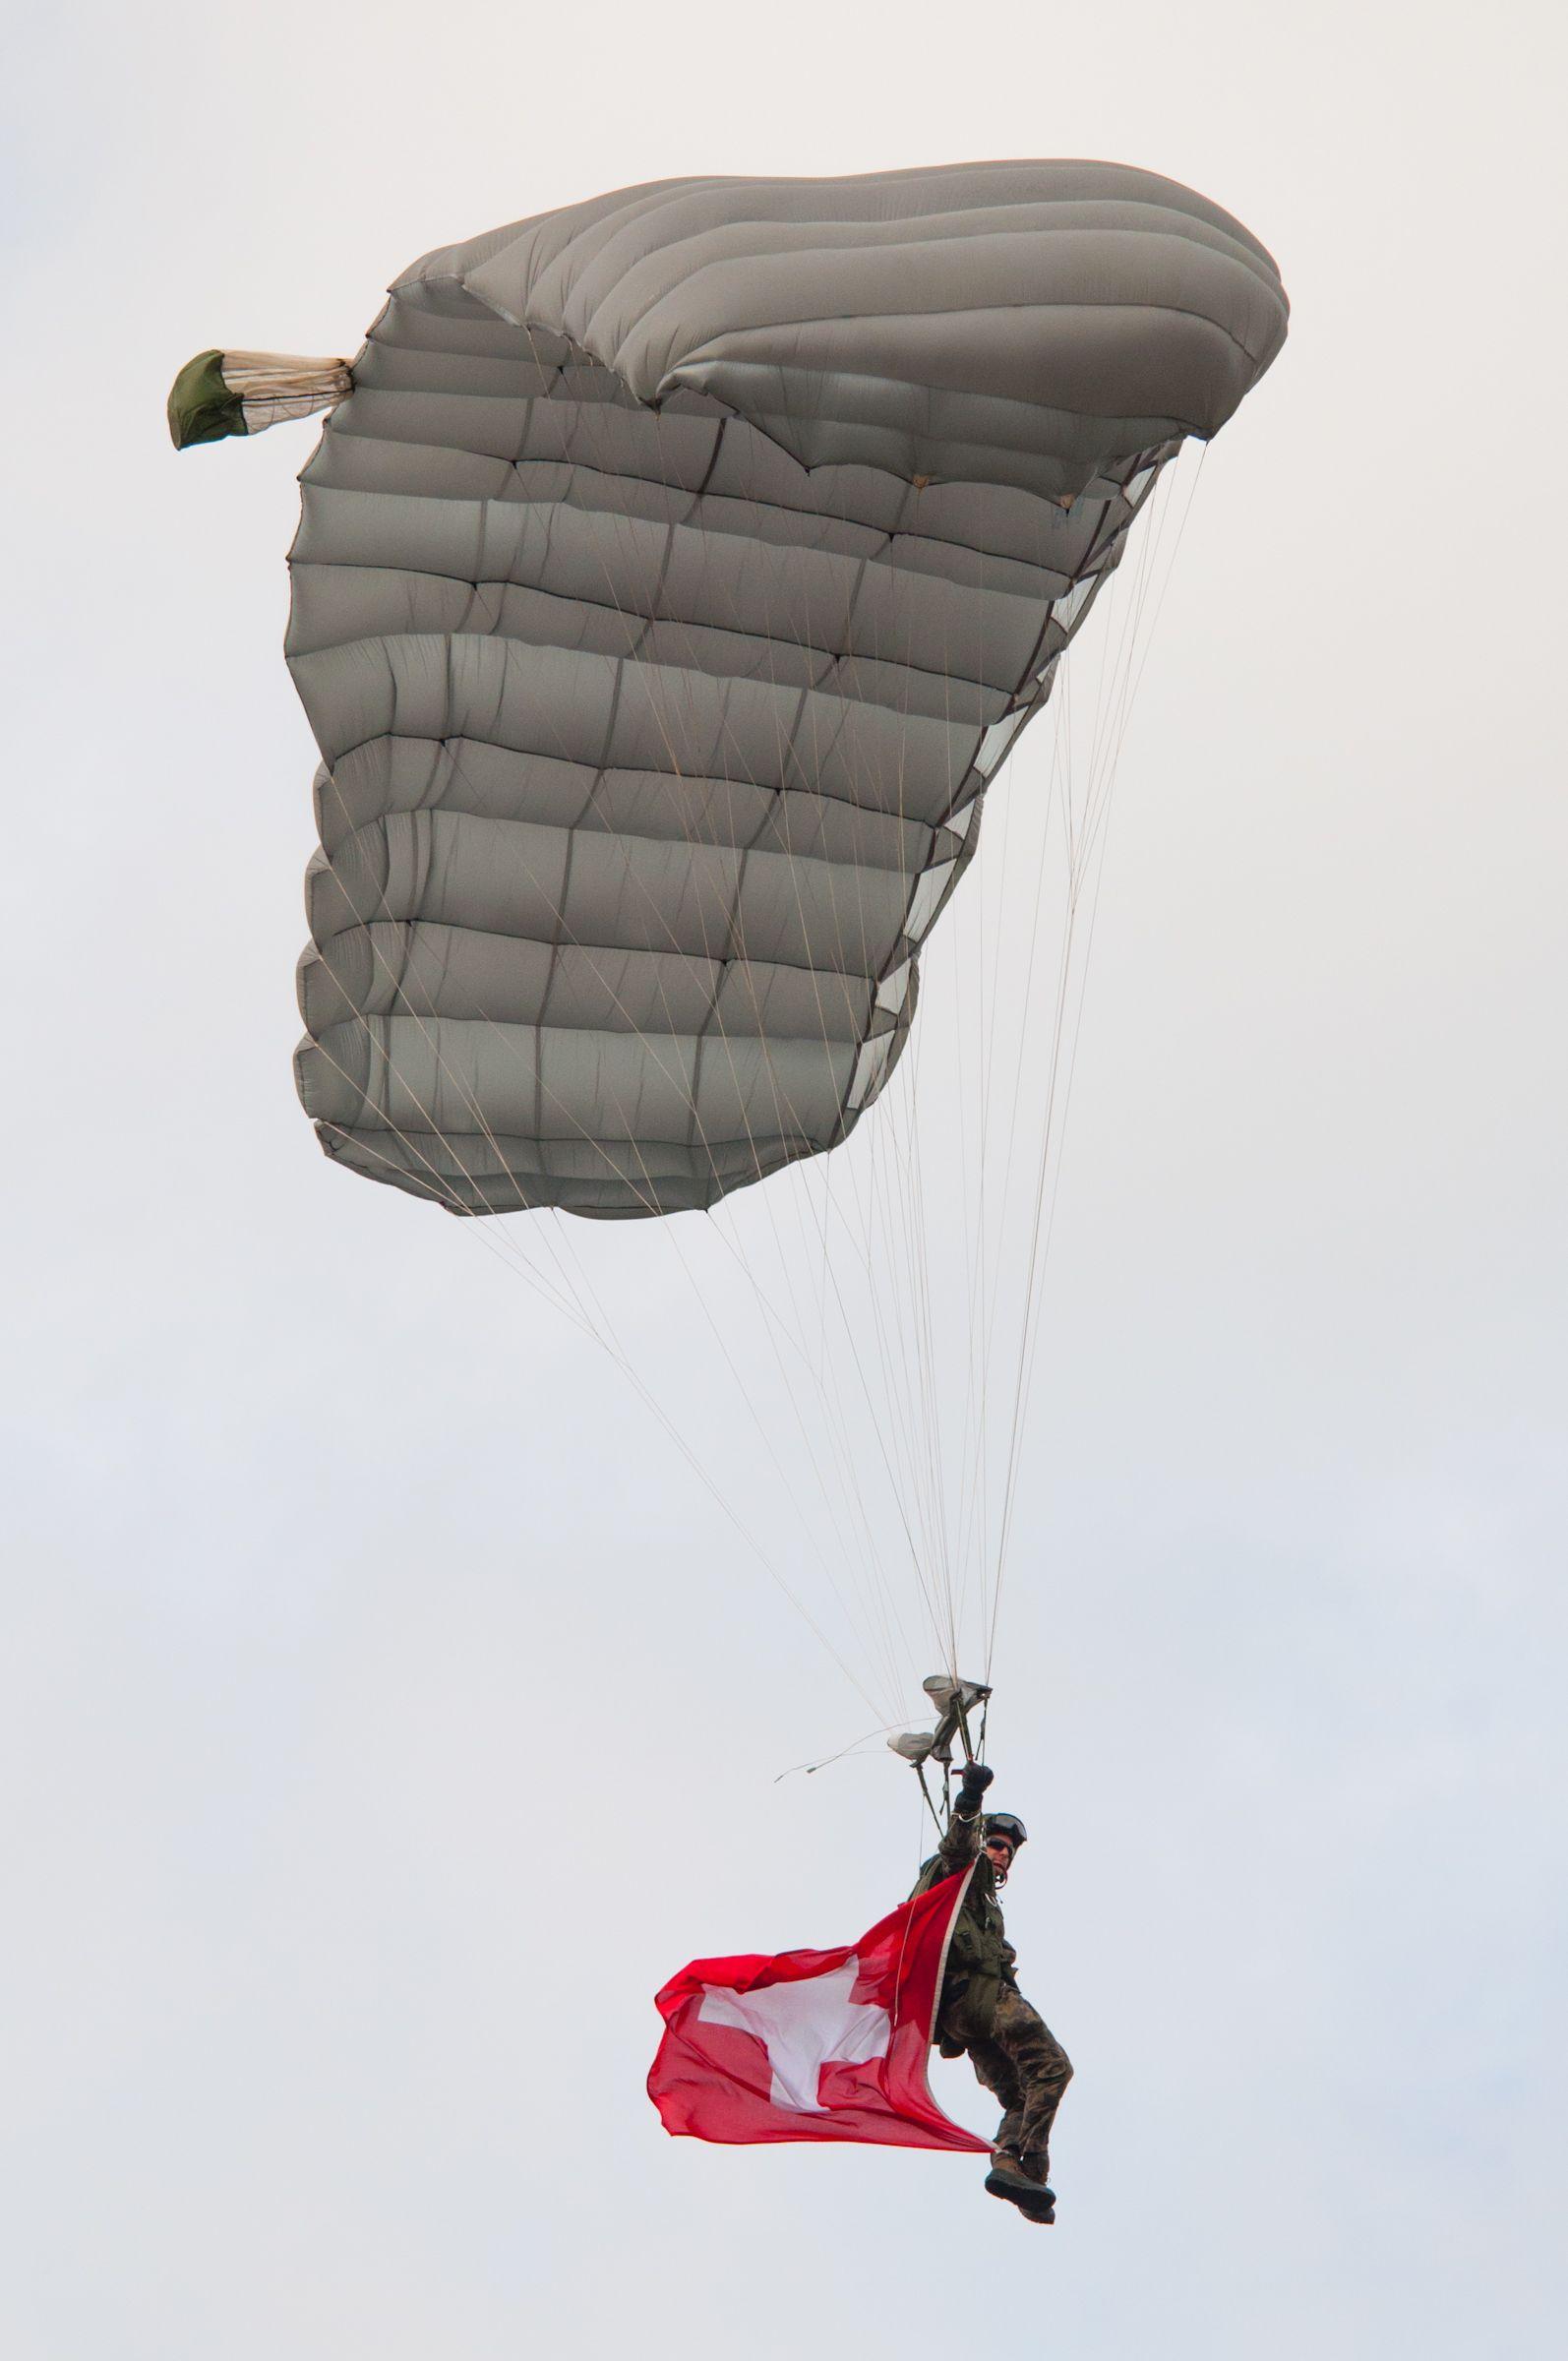 Air force live fire event Axalp 2012 - 10-11 Oct 2012 - Pagina 2 000194l